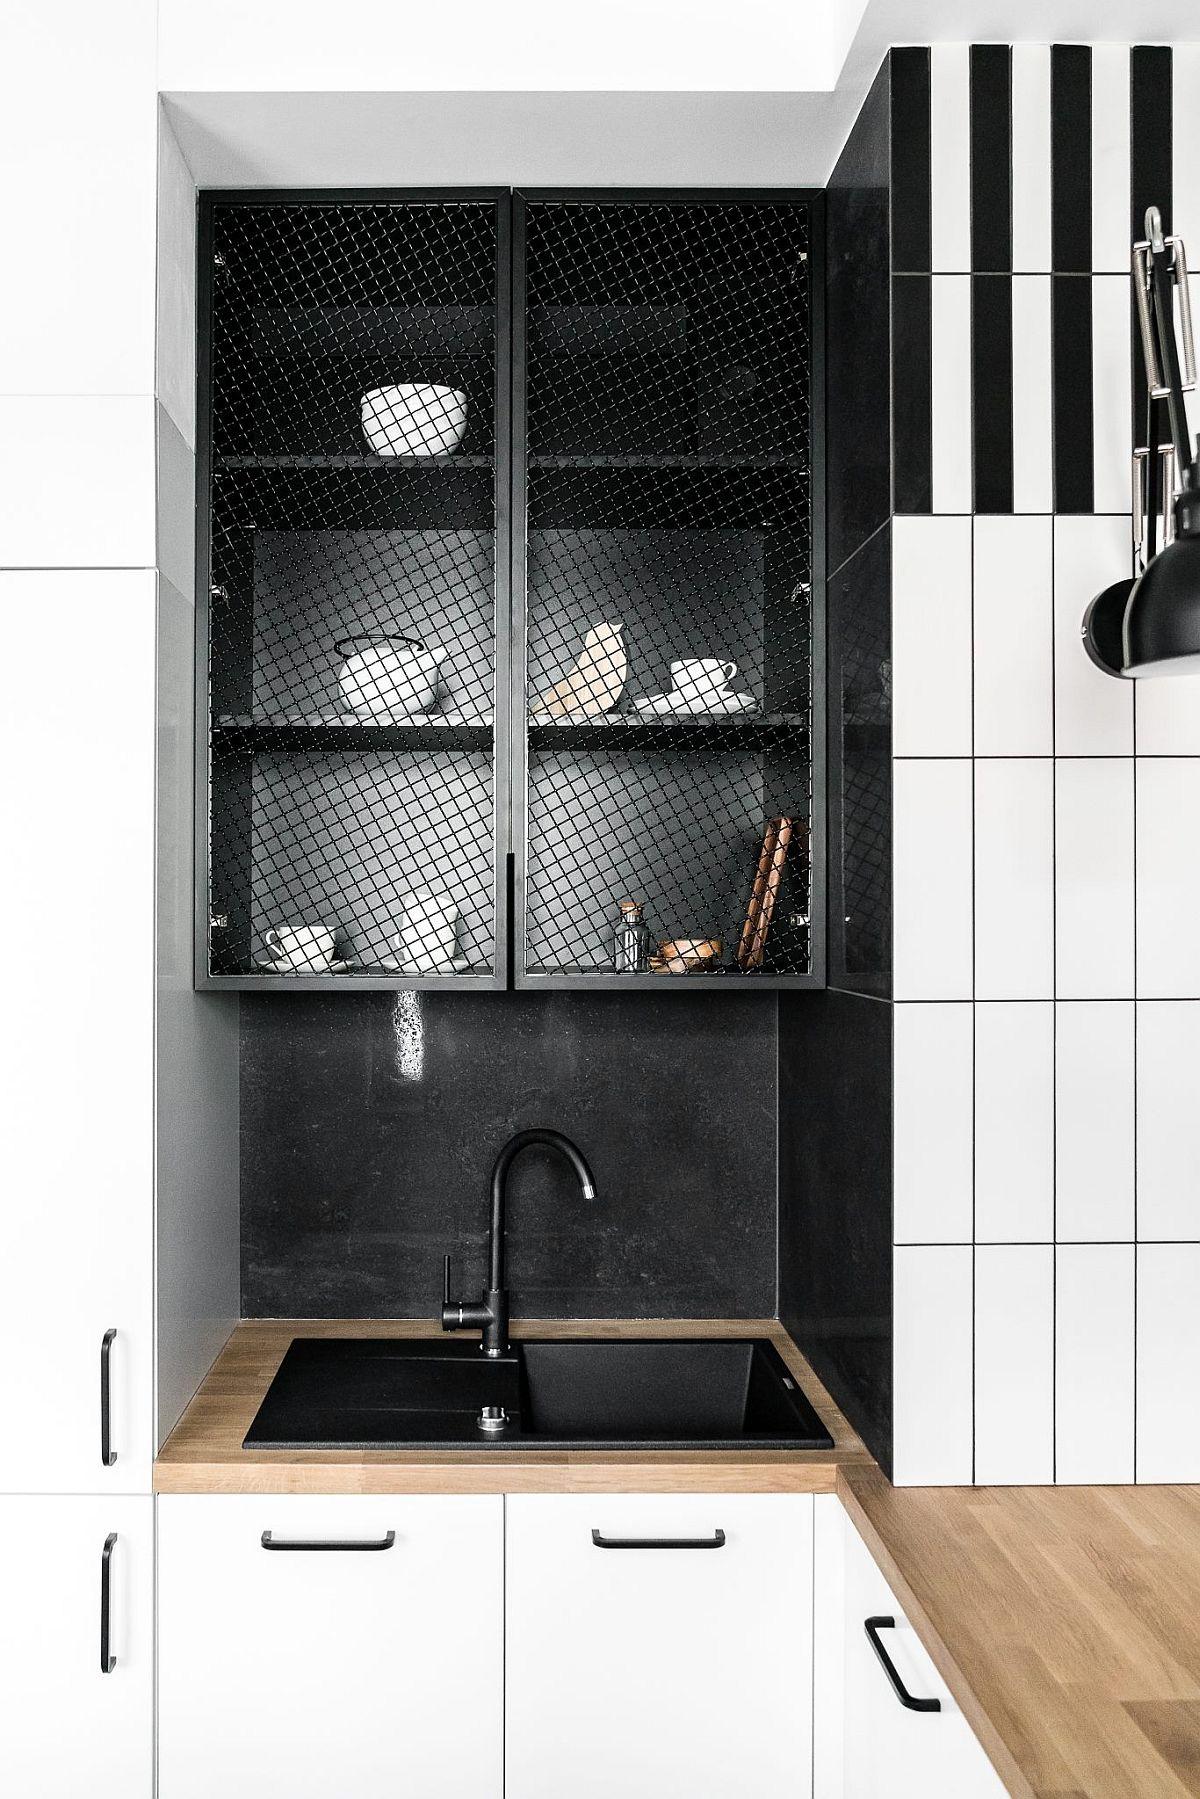 Pentru a atenua caracterul tehnic al bucătăriei, zona de chiuvetă a fost tratată ca o nișă. Negrul îi onferă un efect de adâncime, dar și maschează dulapul cu plasă din sârmă prevăzut aici.